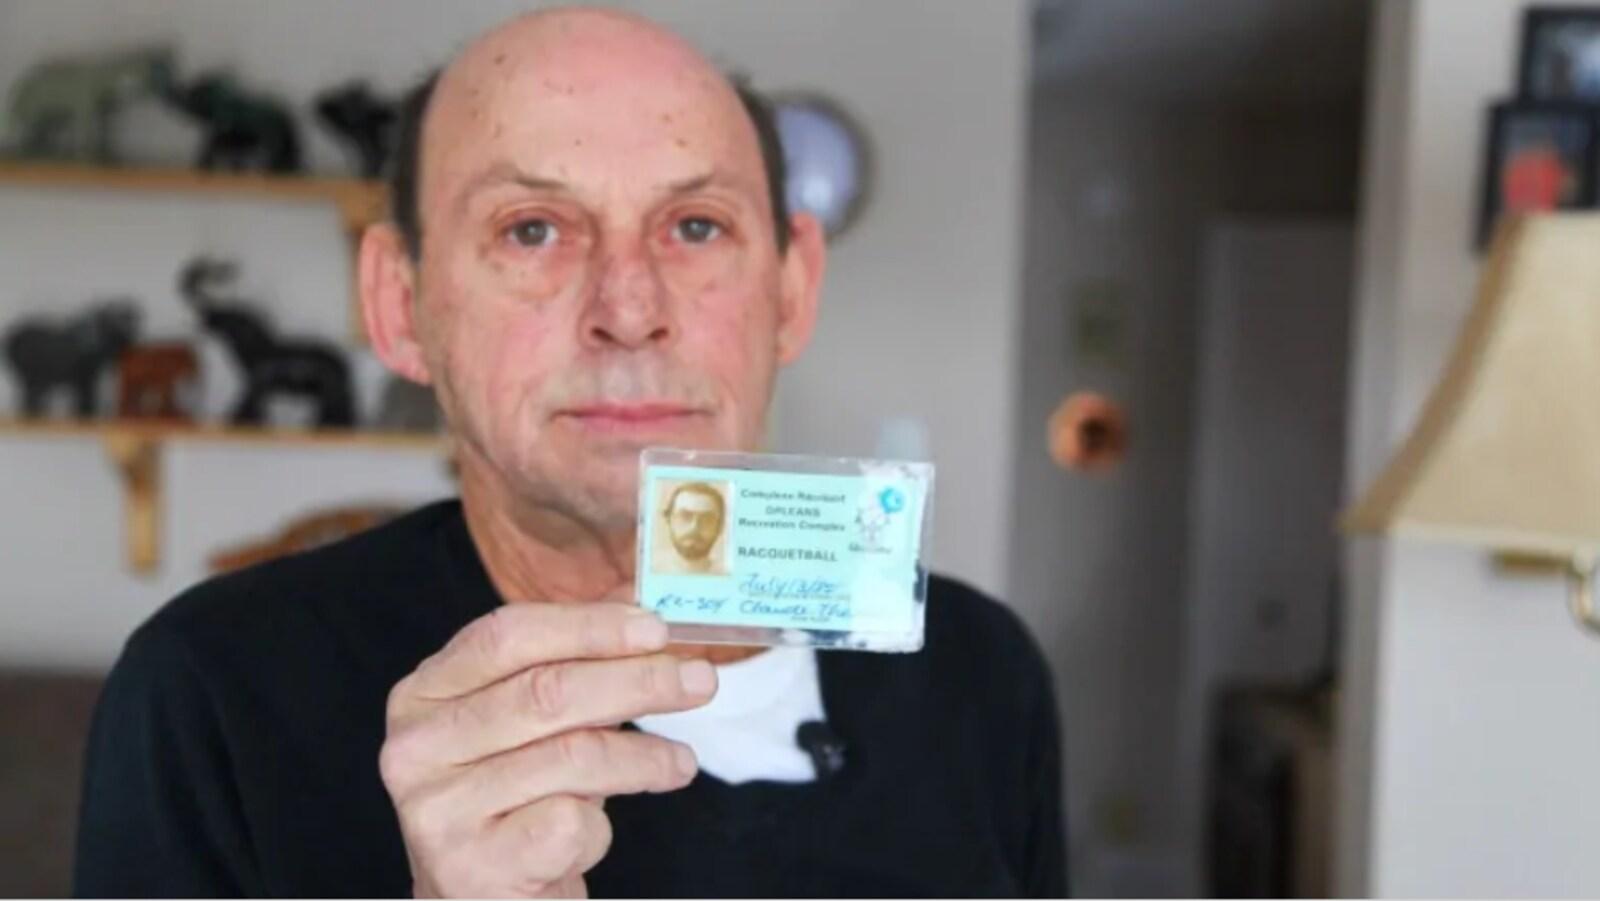 Un homme montre son permis de conduire.